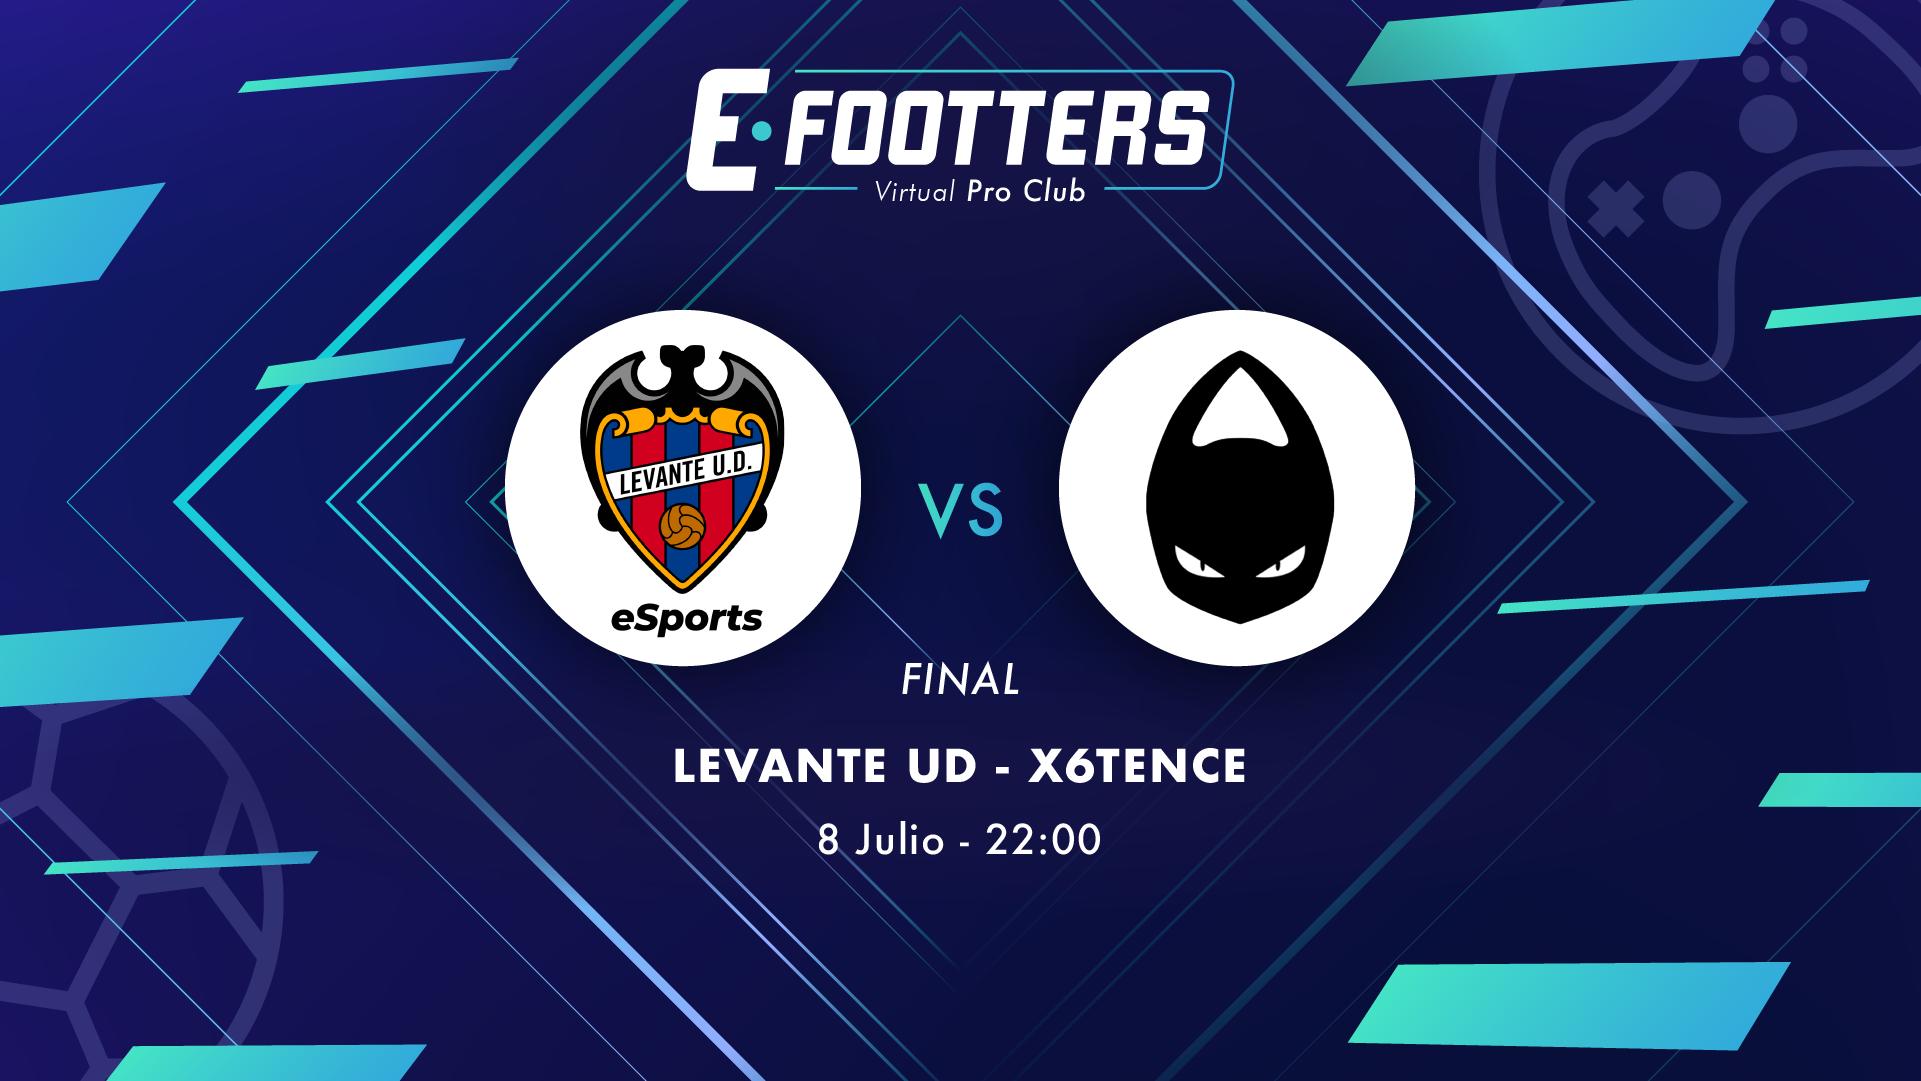 Levante UD - x6tence, partido correspondiente a la gran final del Campeonato Footters